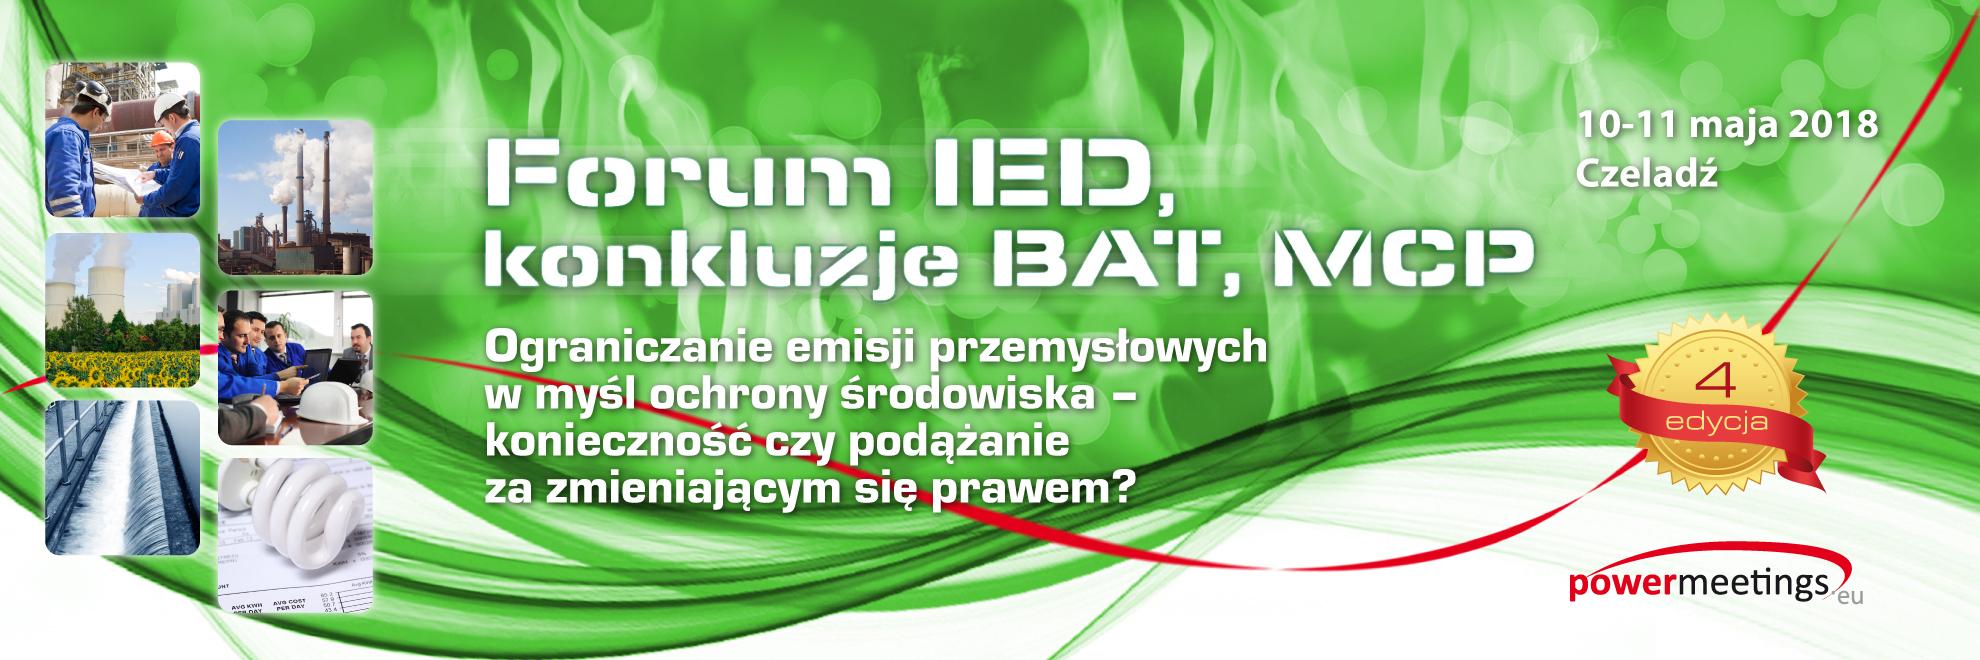 IV Forum IED, konkluzje BAT, MCP – Zapraszamy 10-11 maja 2018 do Czeladzi